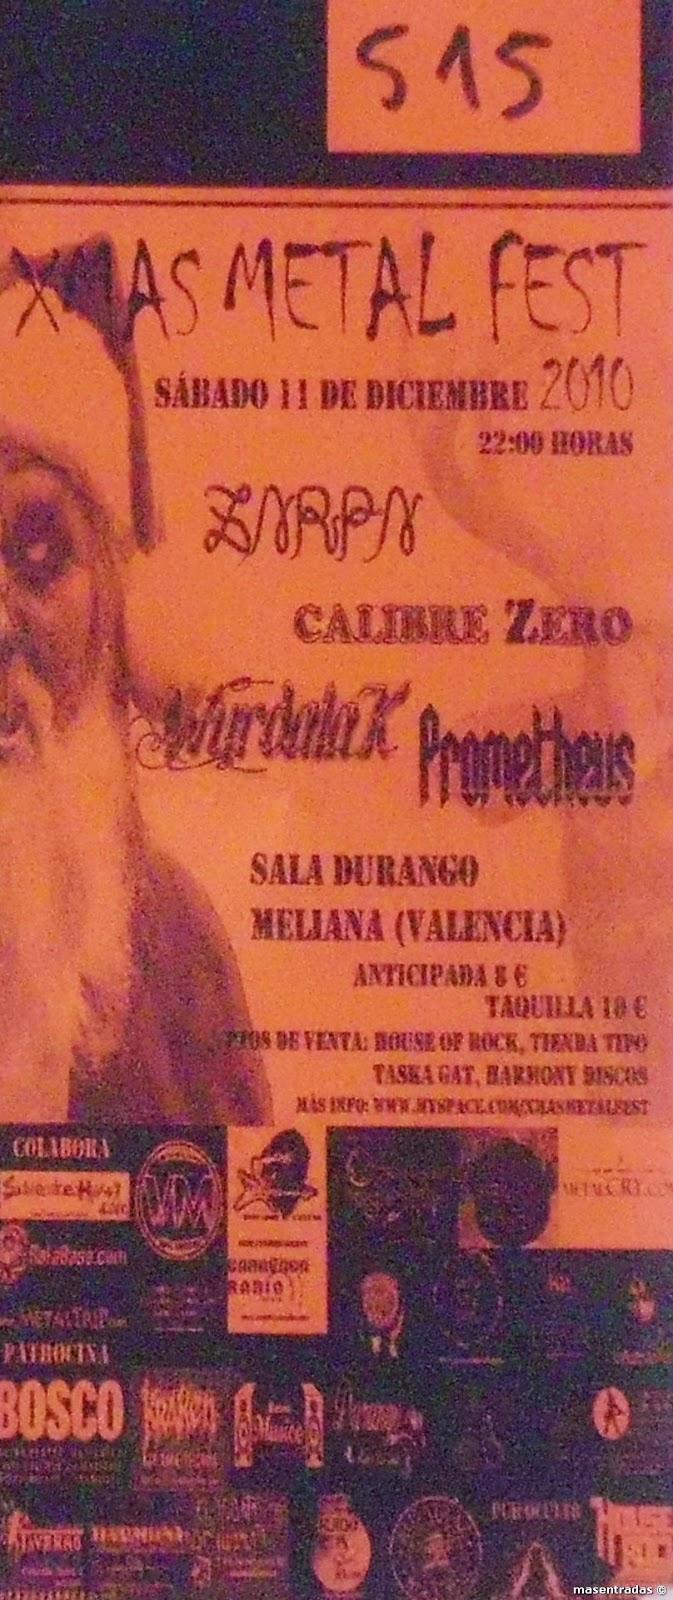 entrada de concierto de xmas metal fest